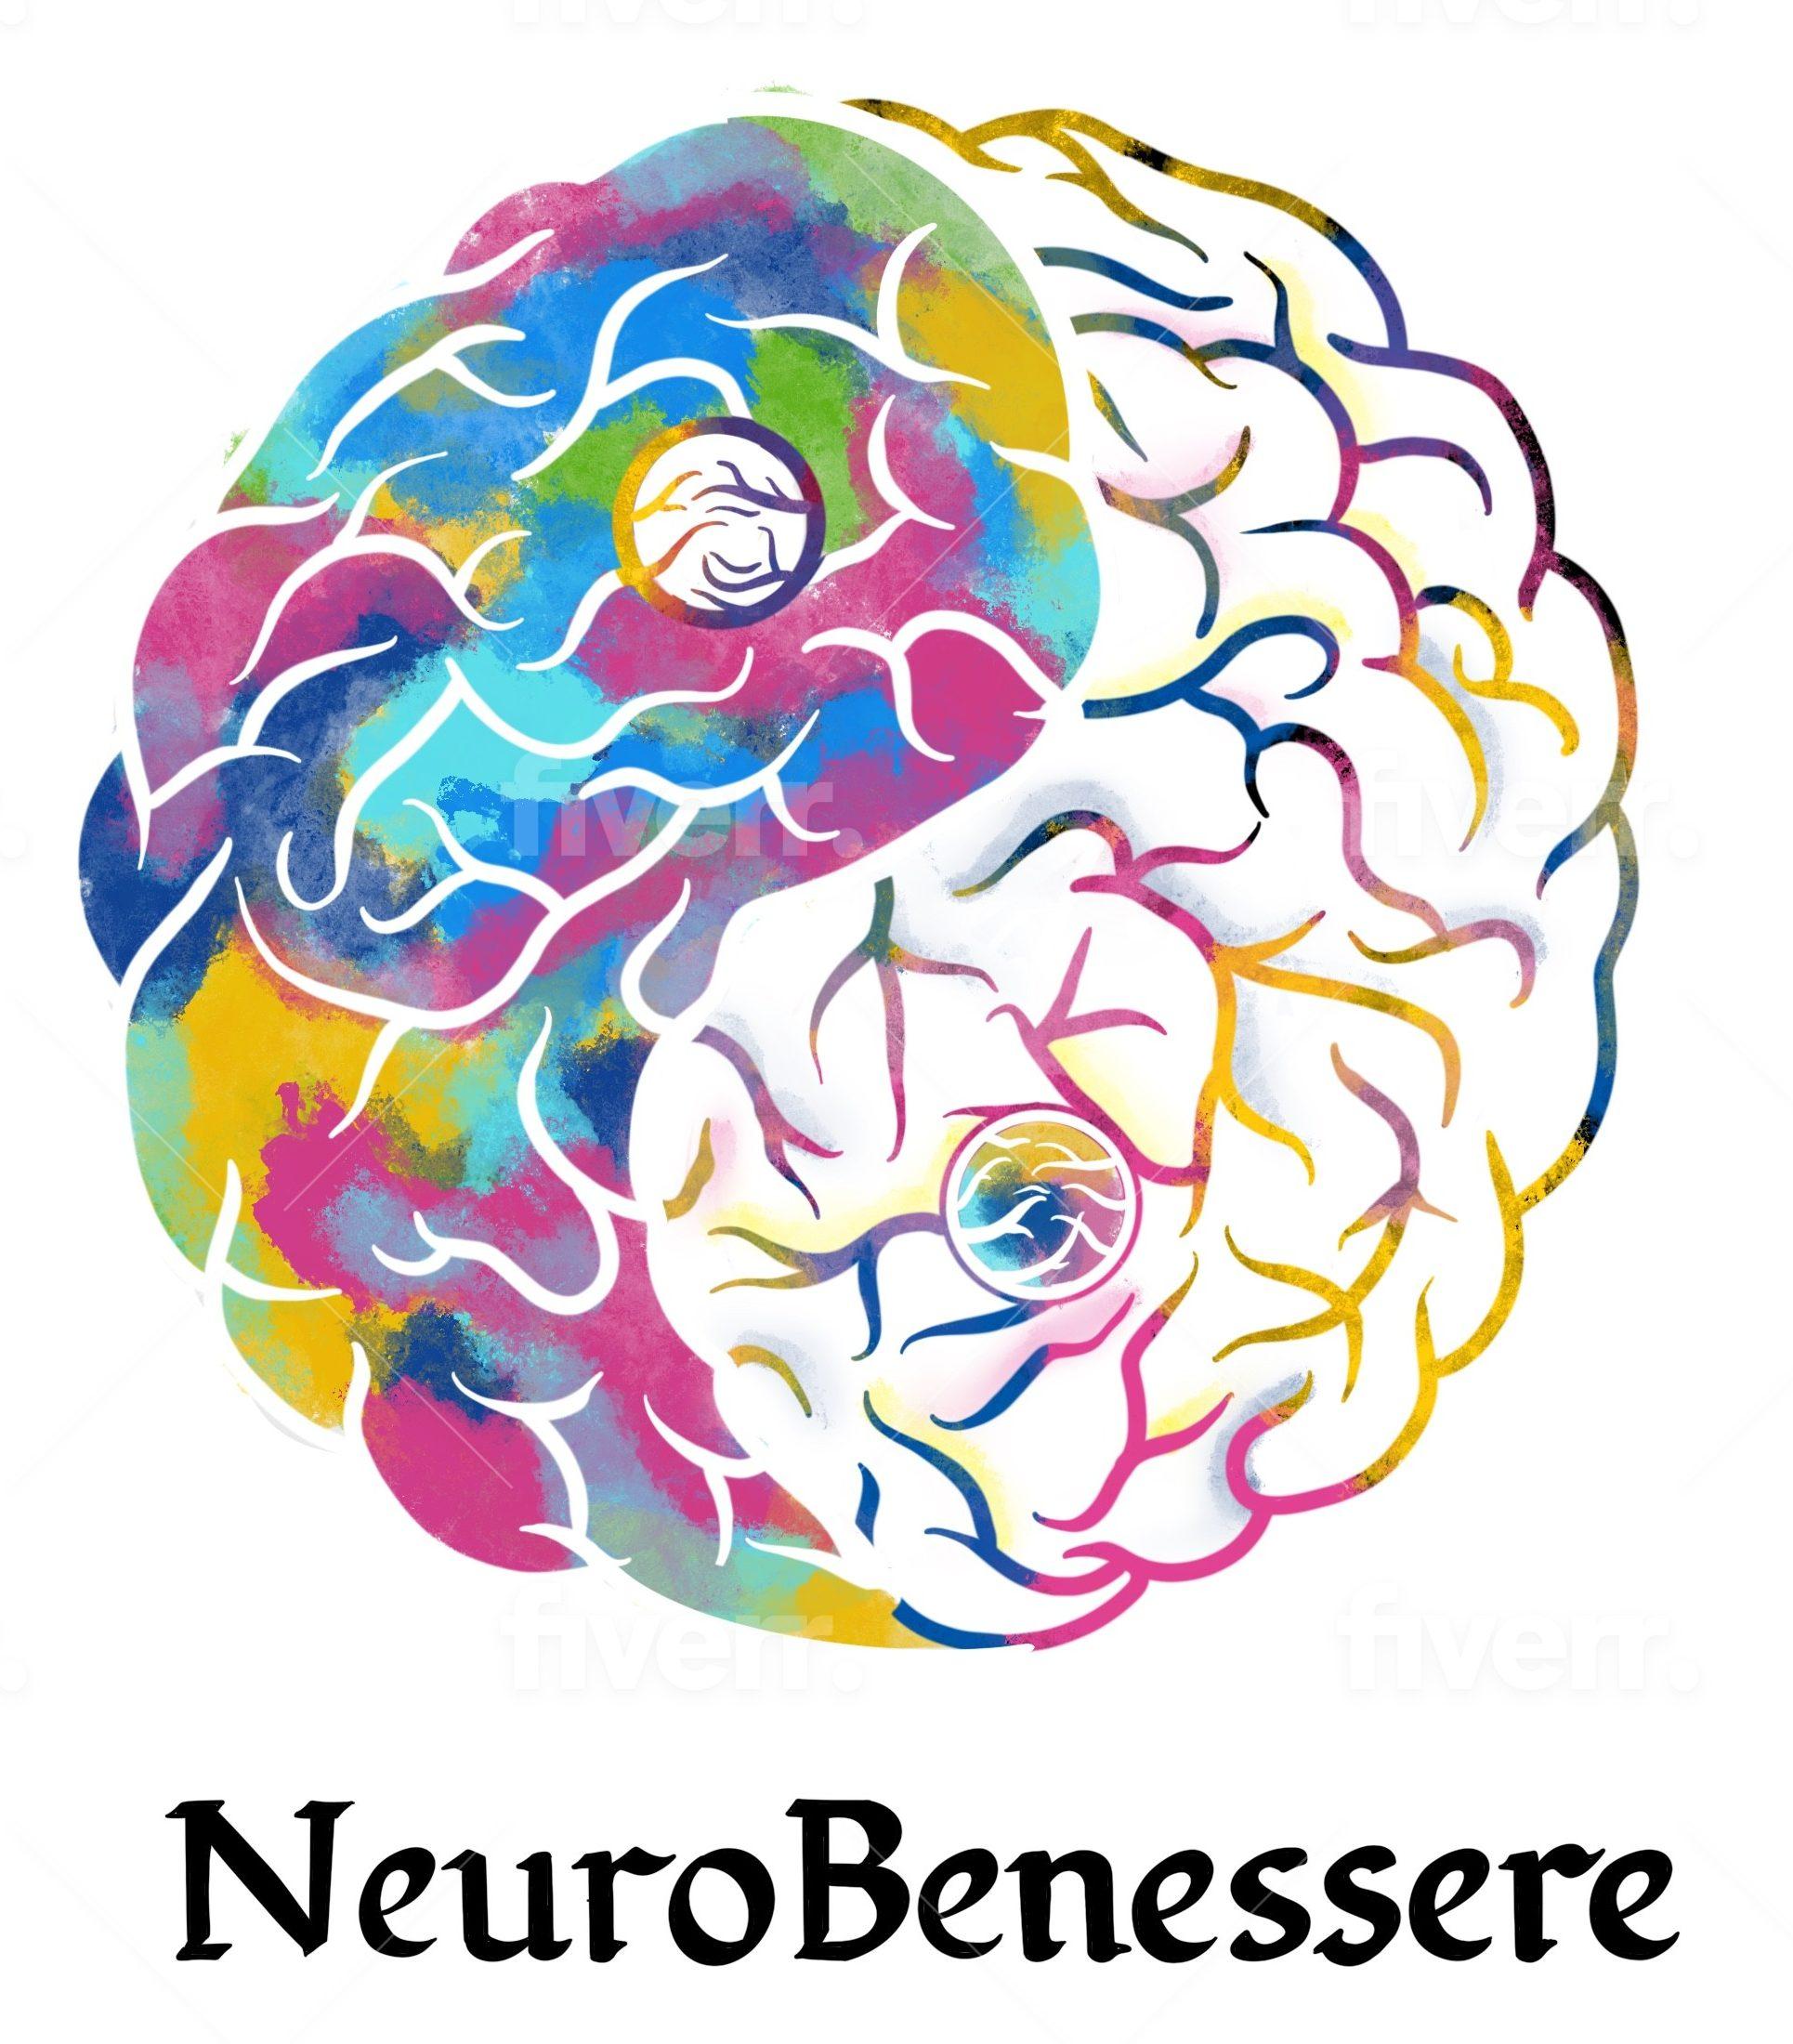 NeuroBenessere